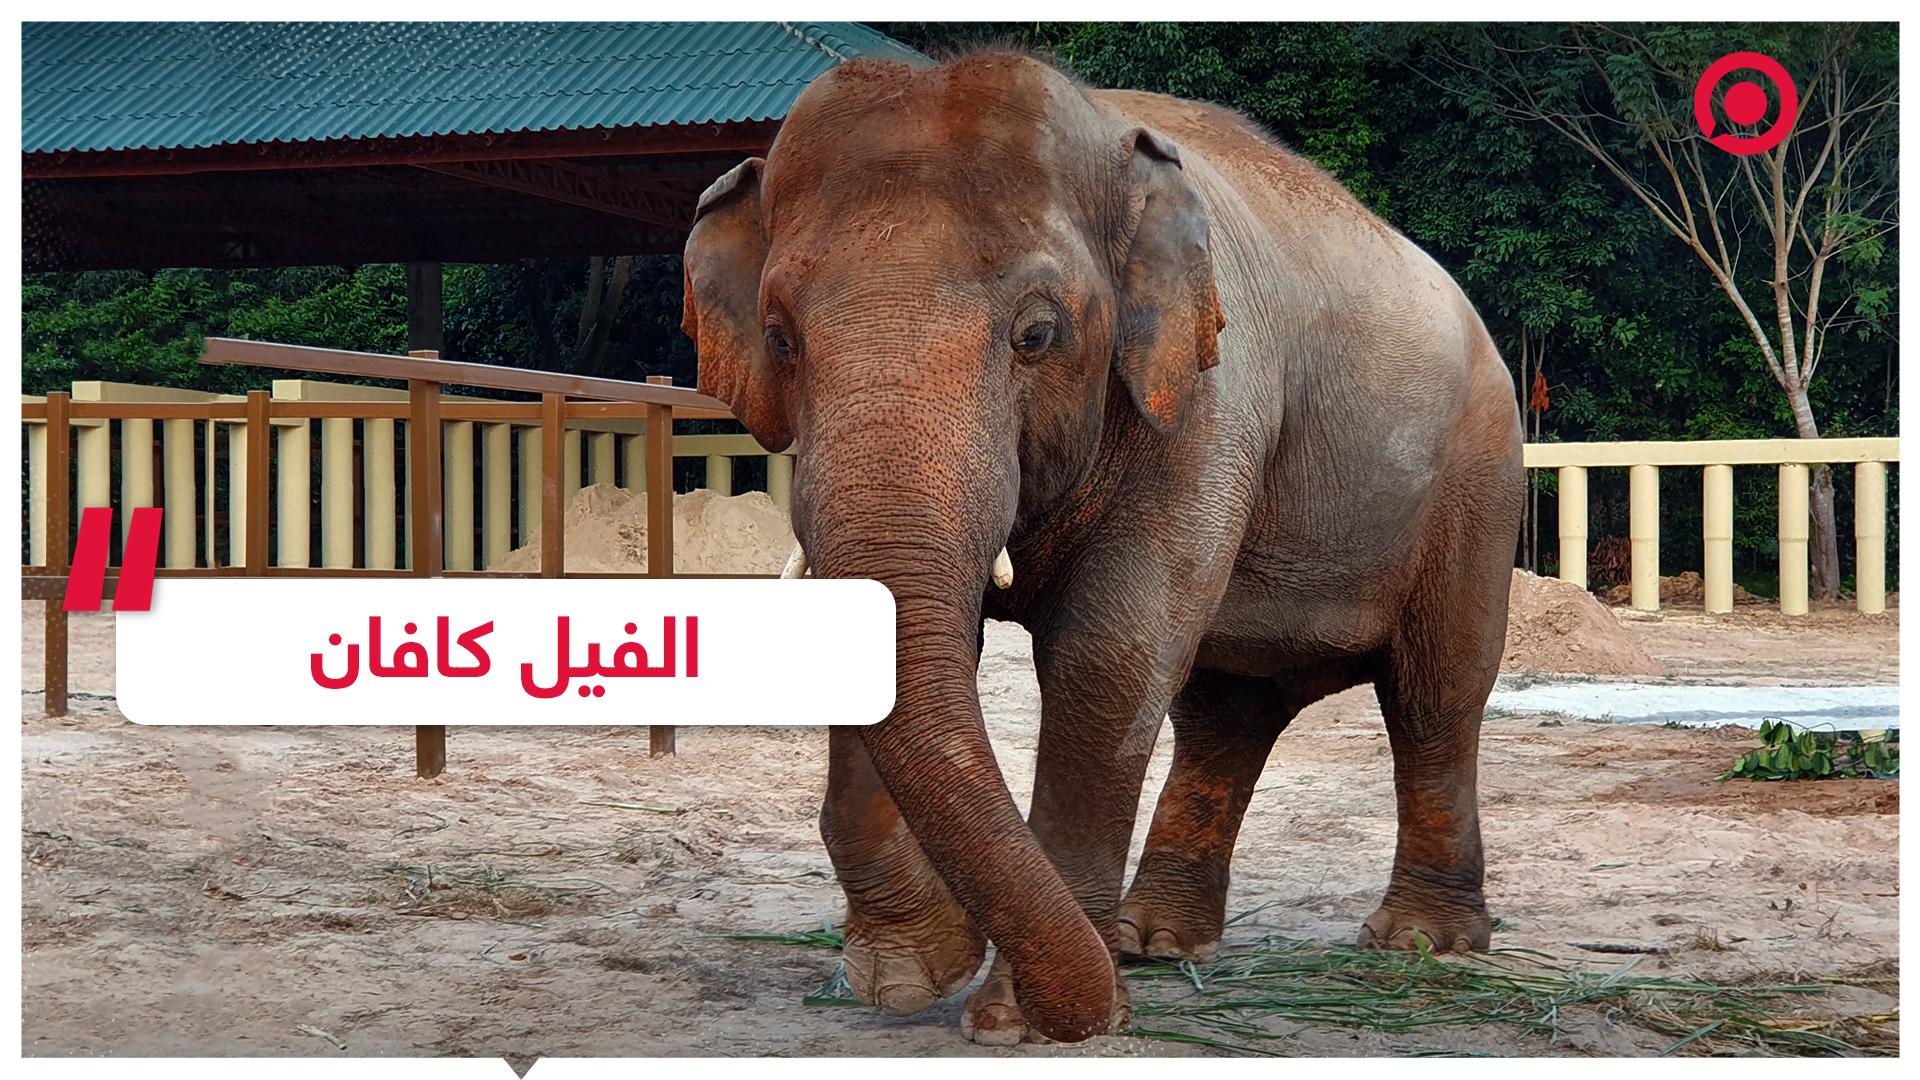 الفيل كافان يصل كمبوديا بعد سنوات من